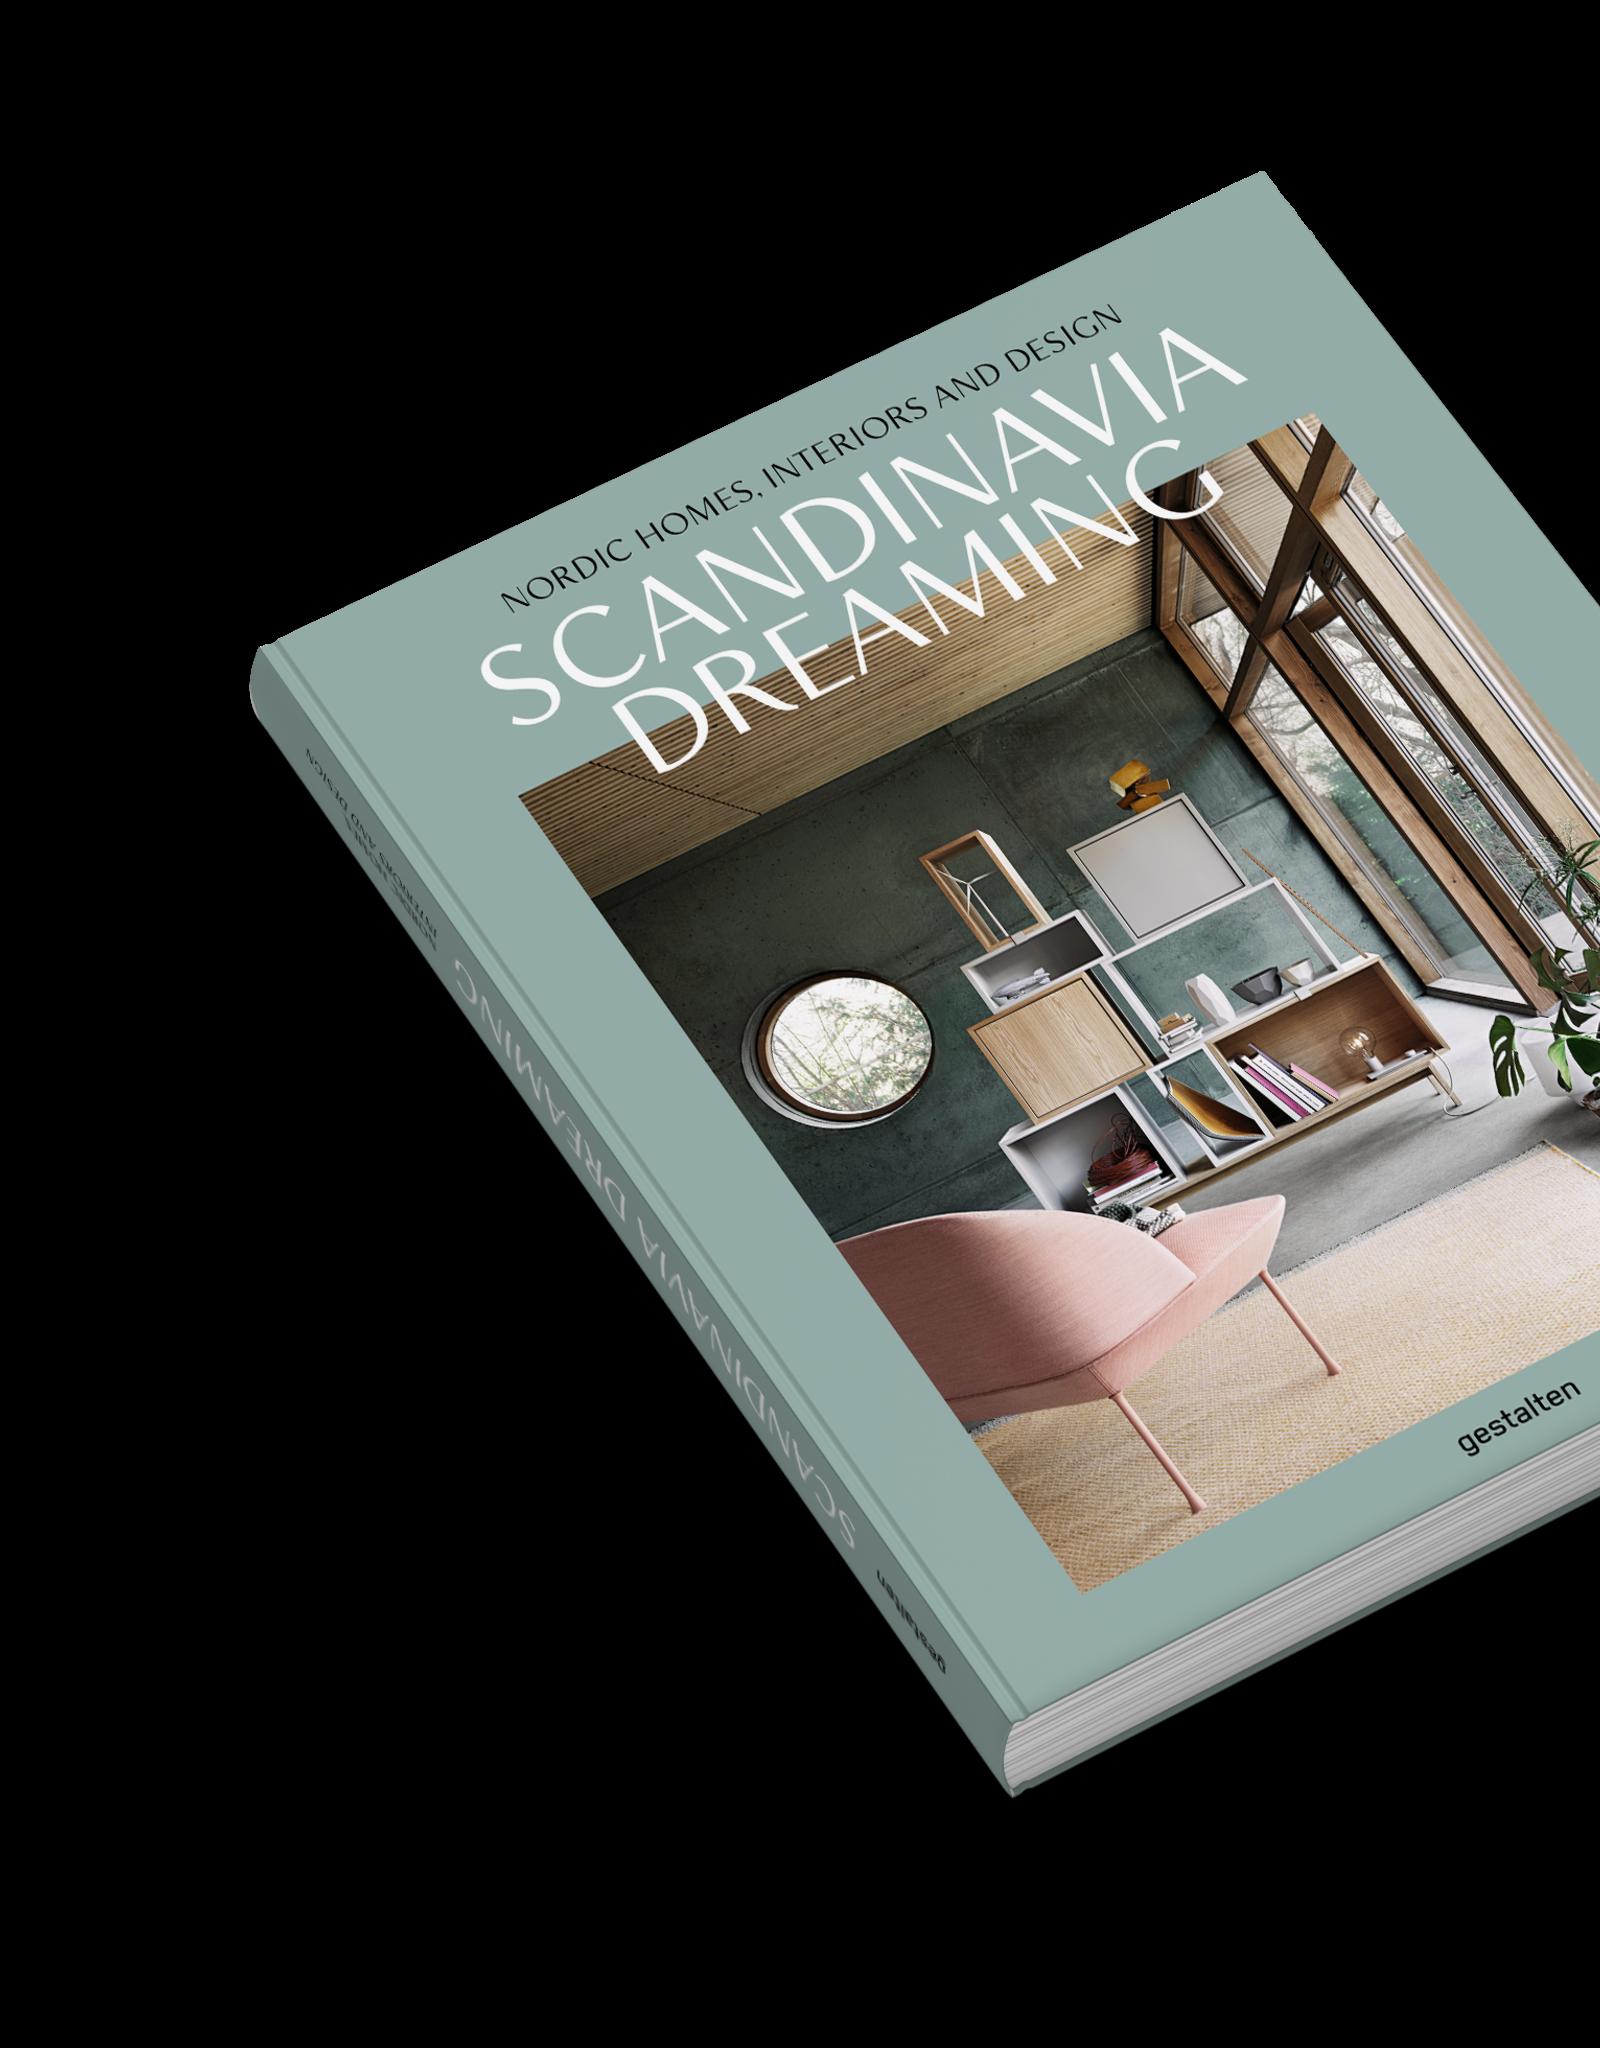 Gestalten Scandinavia Dreaming